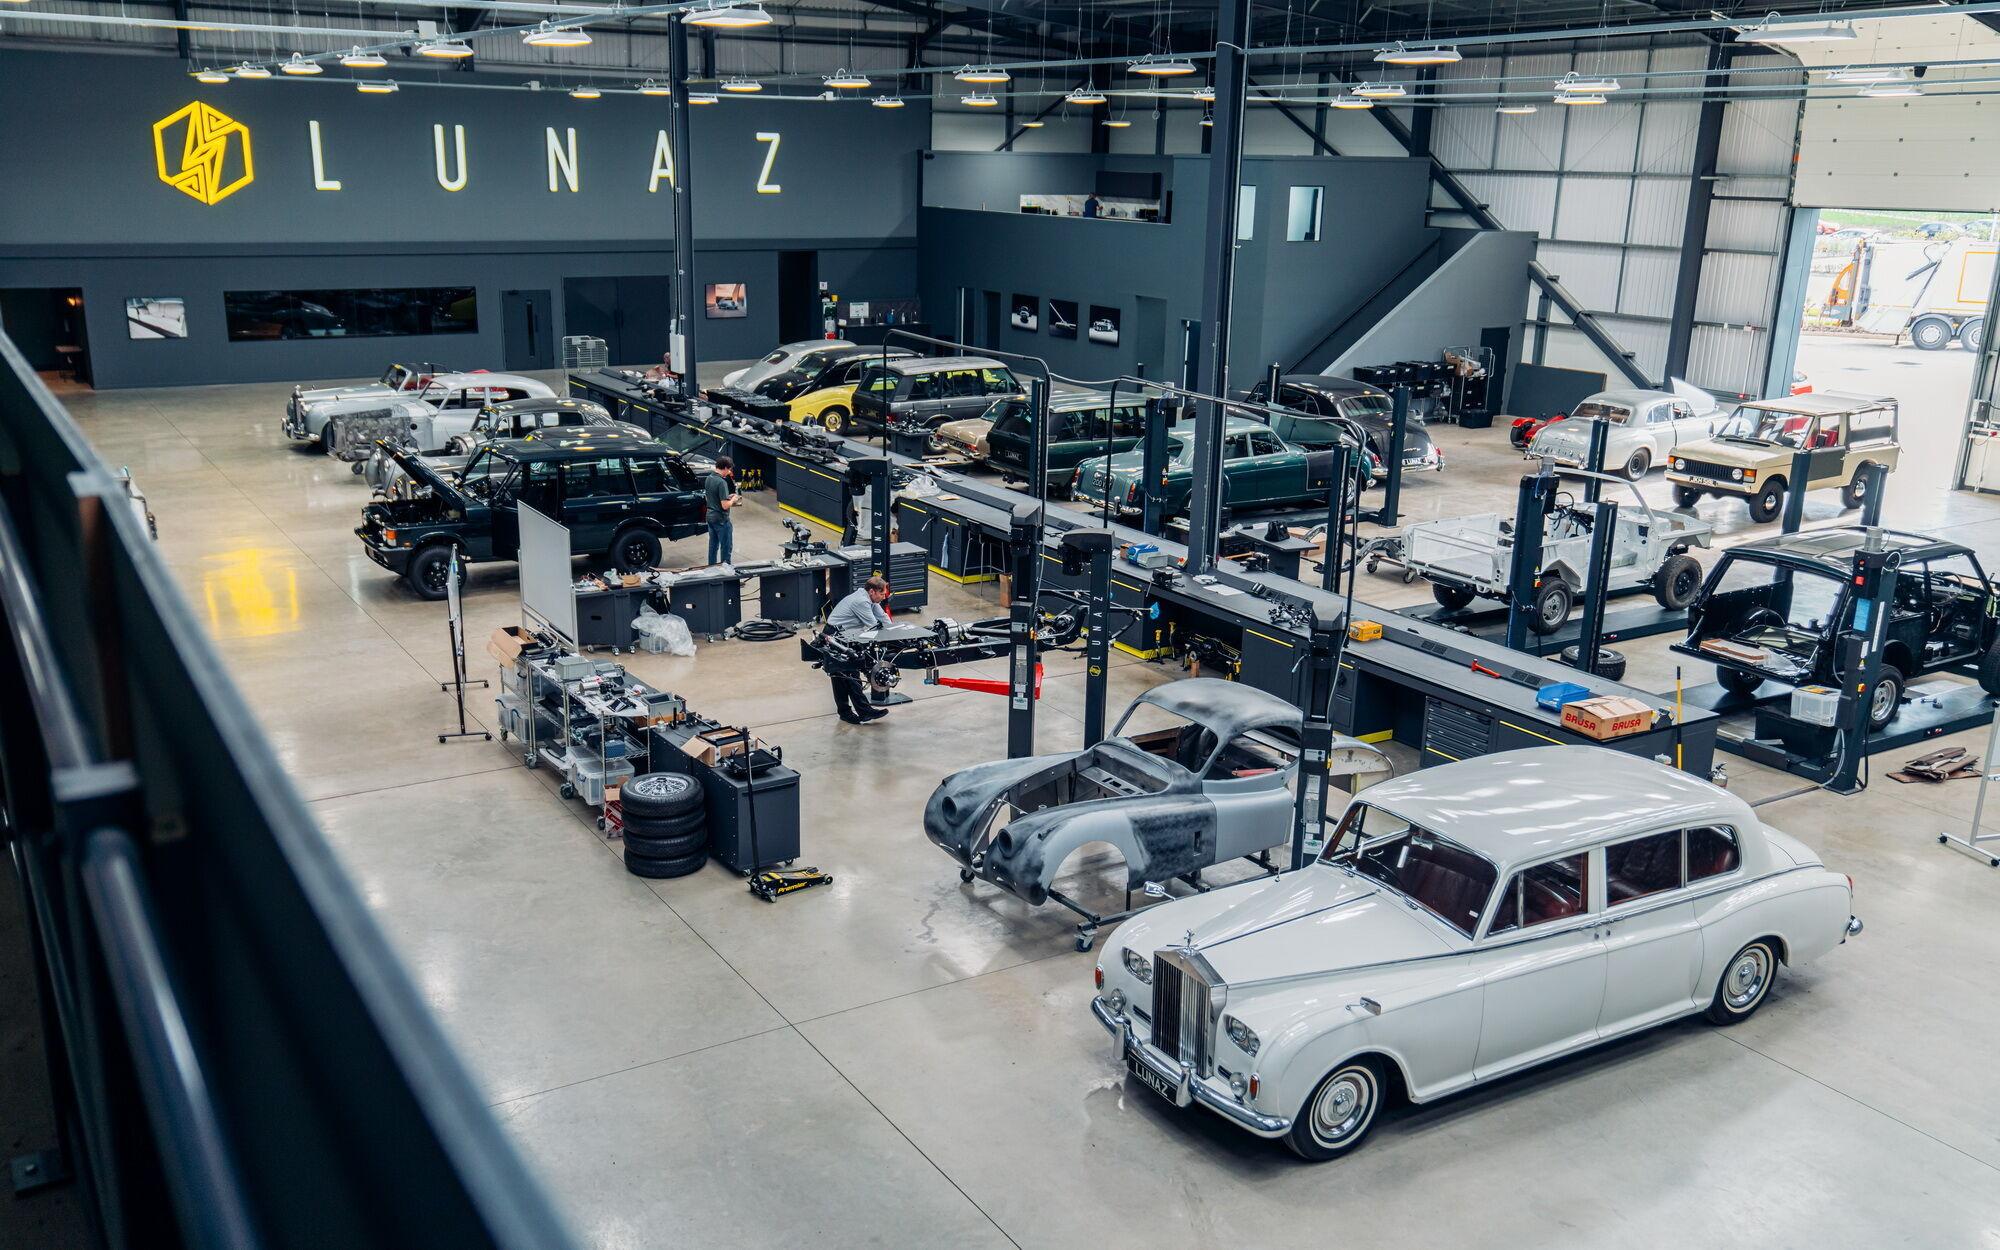 В компании провели полную реставрацию оригинальной машины, а затем заменили ДВС и все его компоненты на электропривод